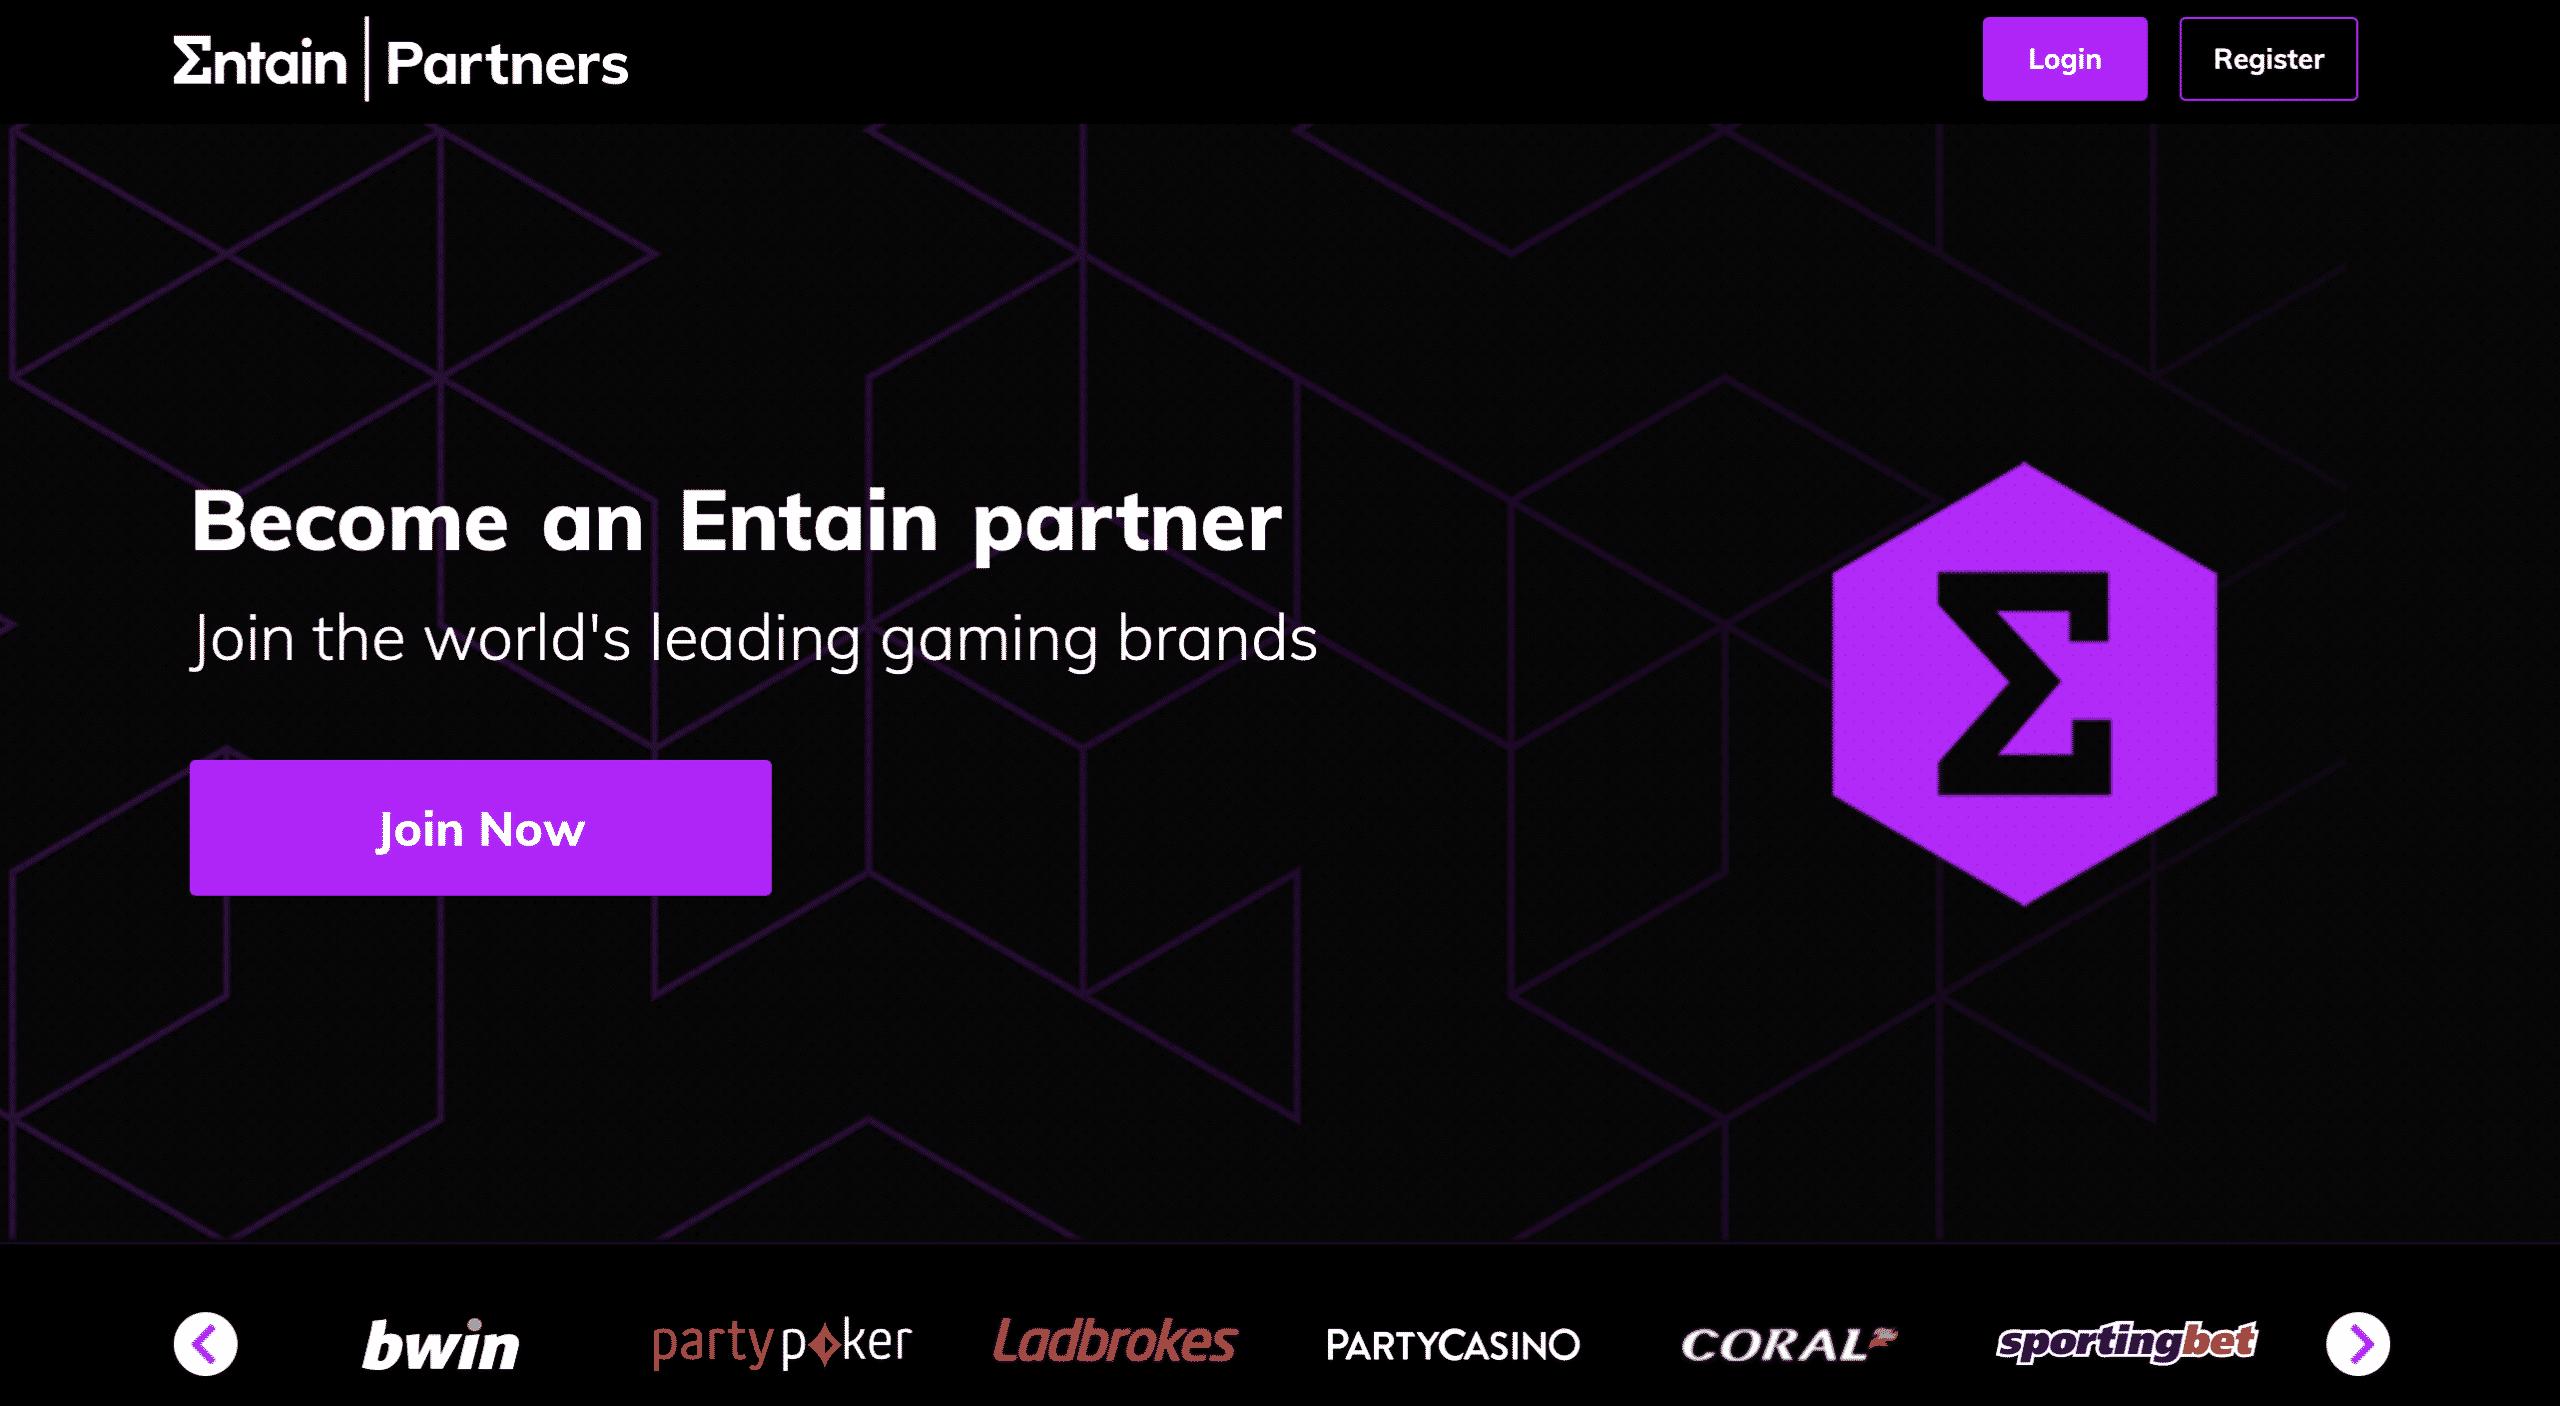 Entain Partners Affiliation